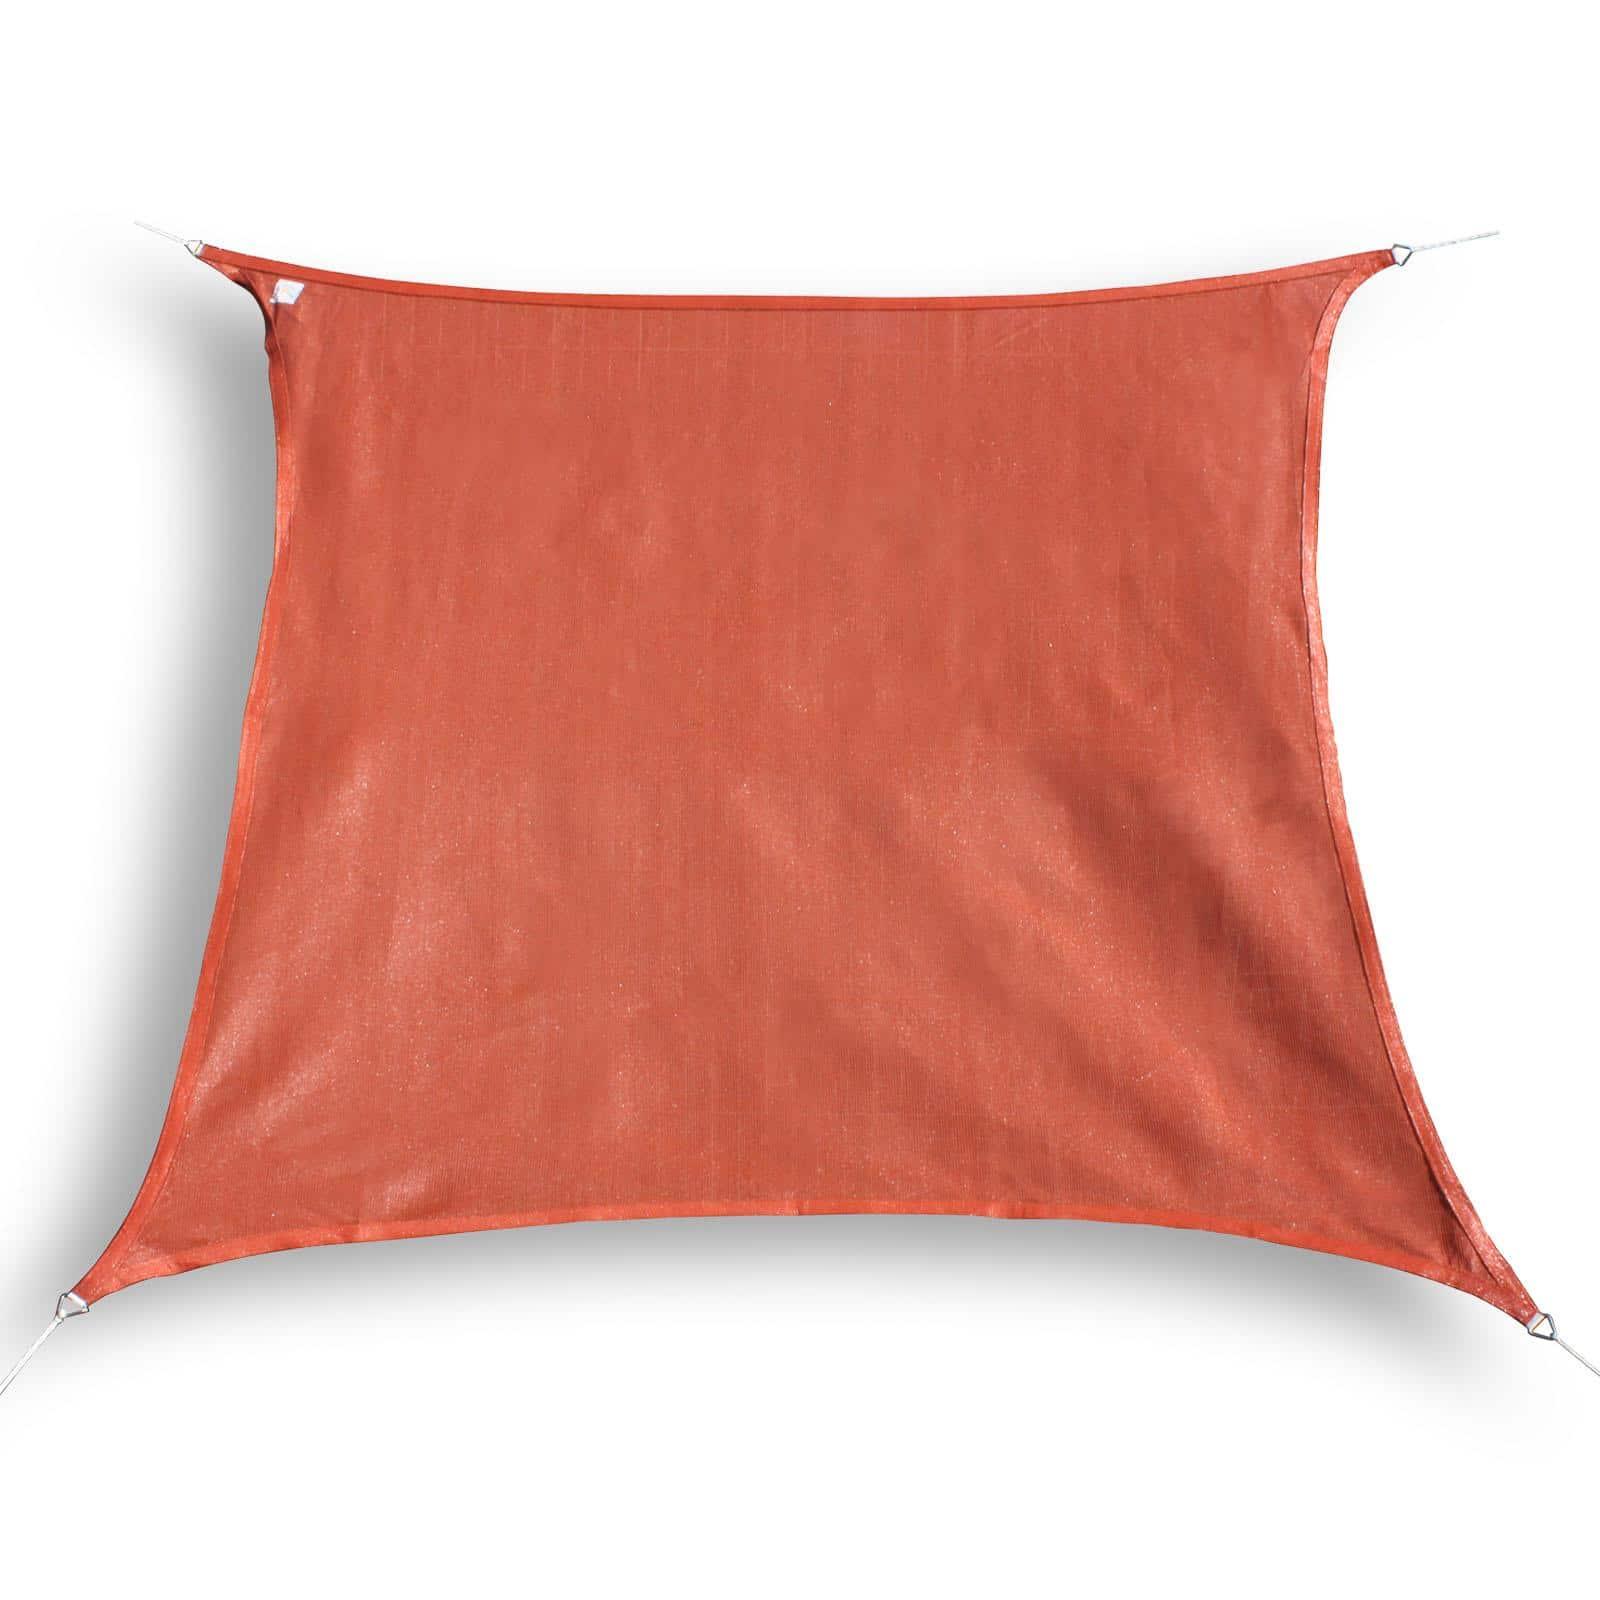 hanSe® Schaduwdoek Vierkant Waterdoorlatend 7x7 m - zonnedoek - Terra